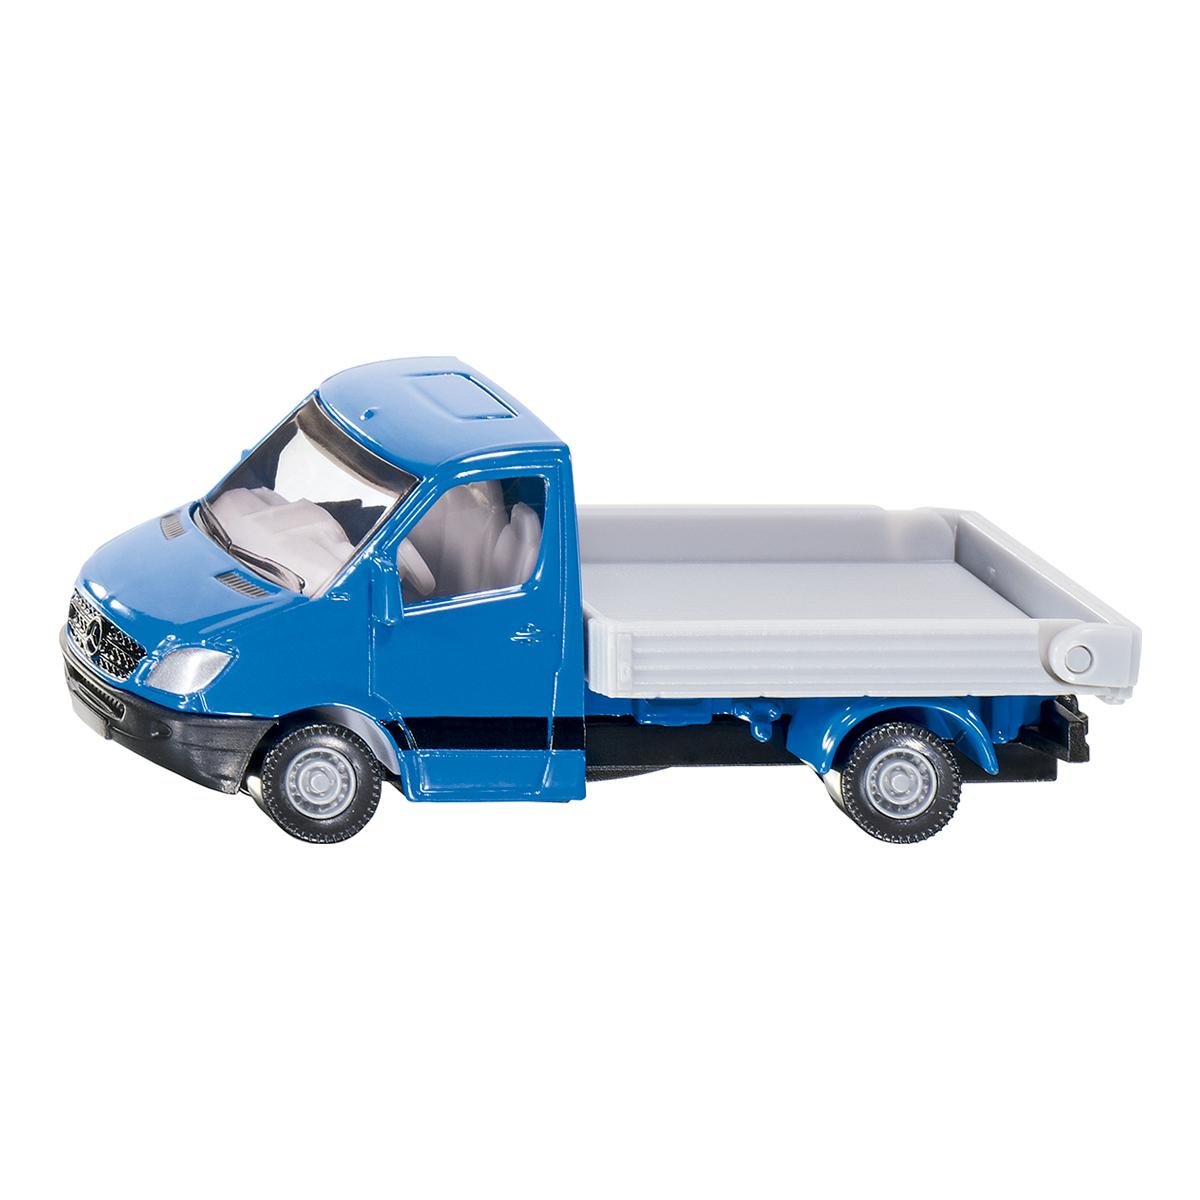 ボンネット・トラック(ジク・SIKU)